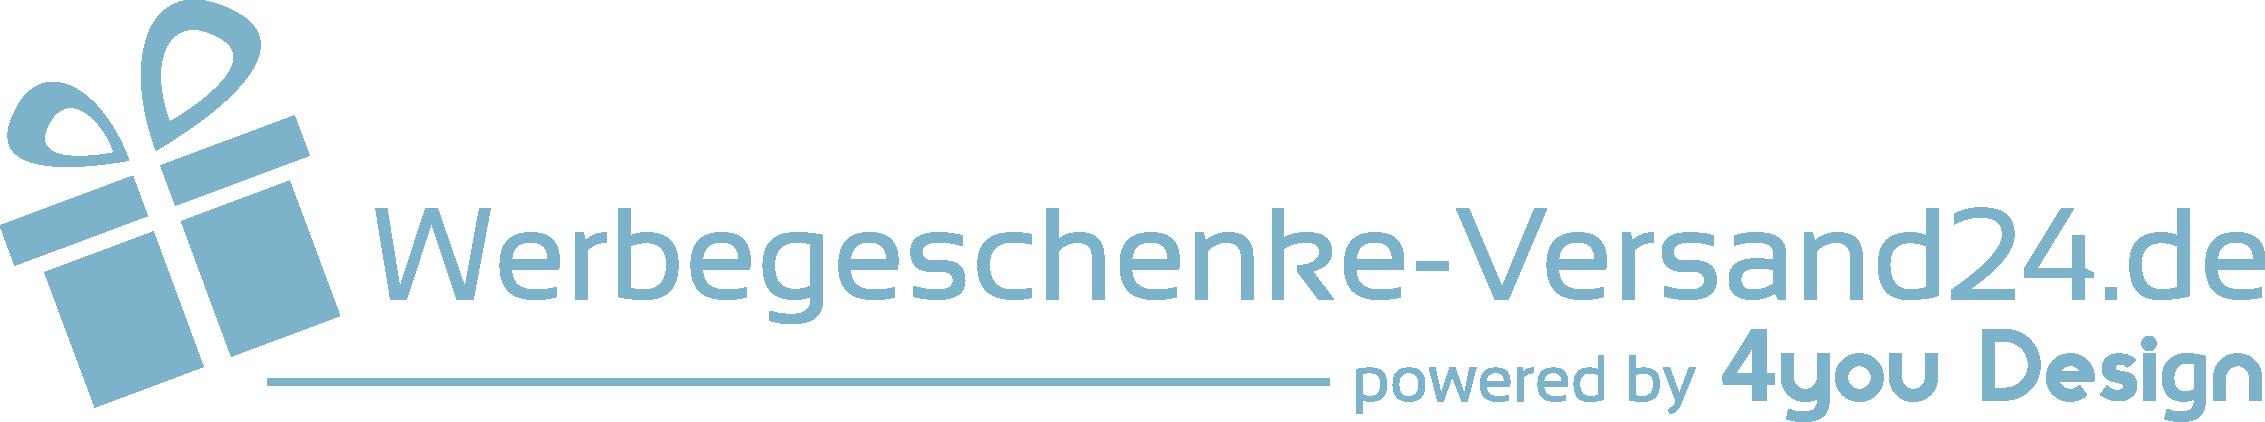 werbegeschenke-versand24_logo_rgb_v2